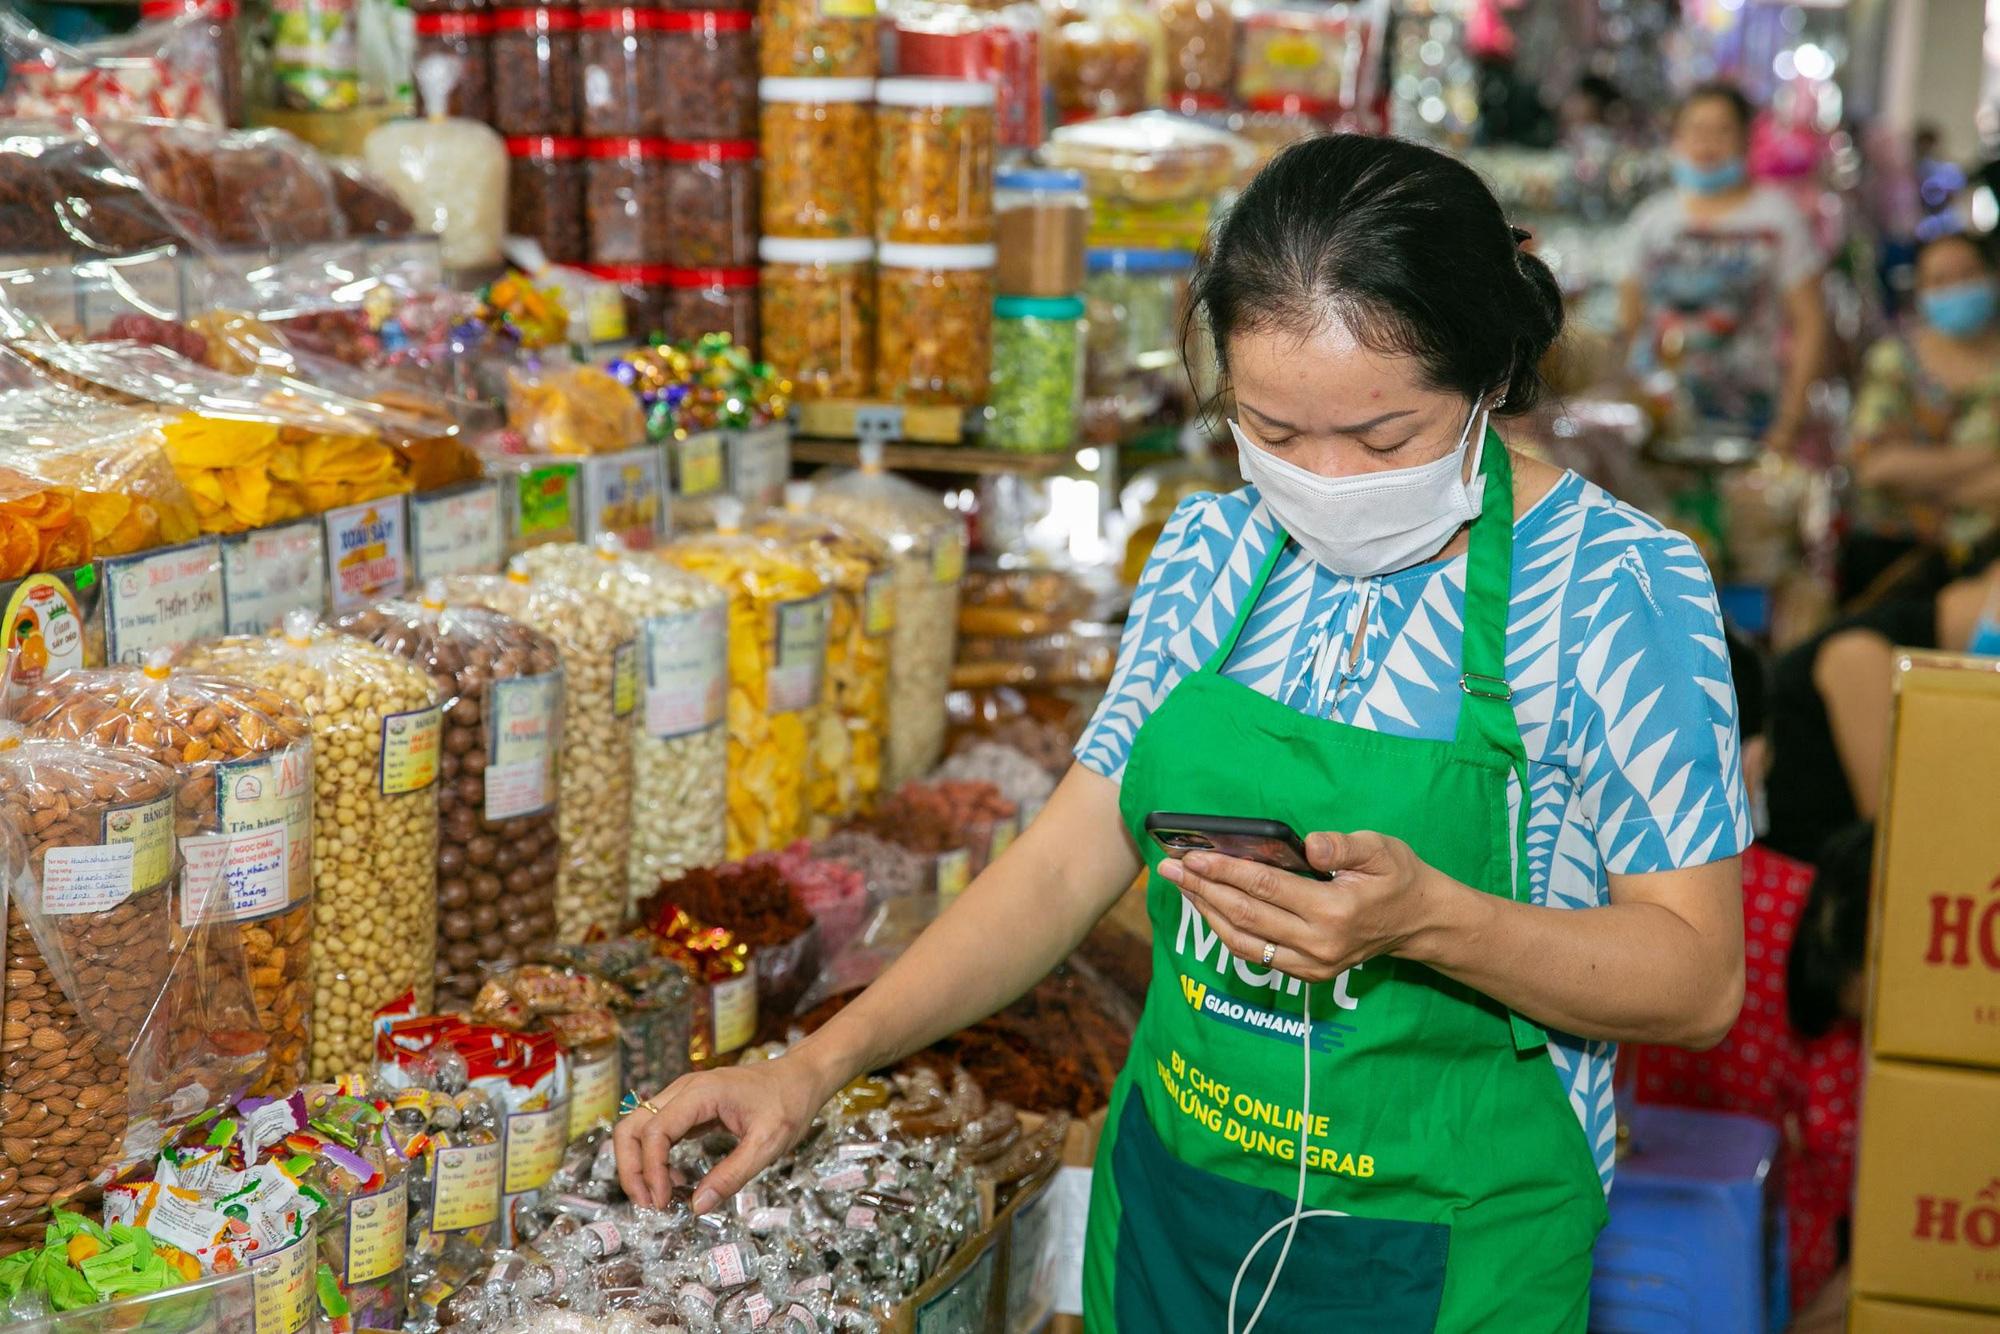 Mùa Covid-19, cô ba chú bảy chợ Bến Thành rủ nhau mở sạp online - Ảnh 3.